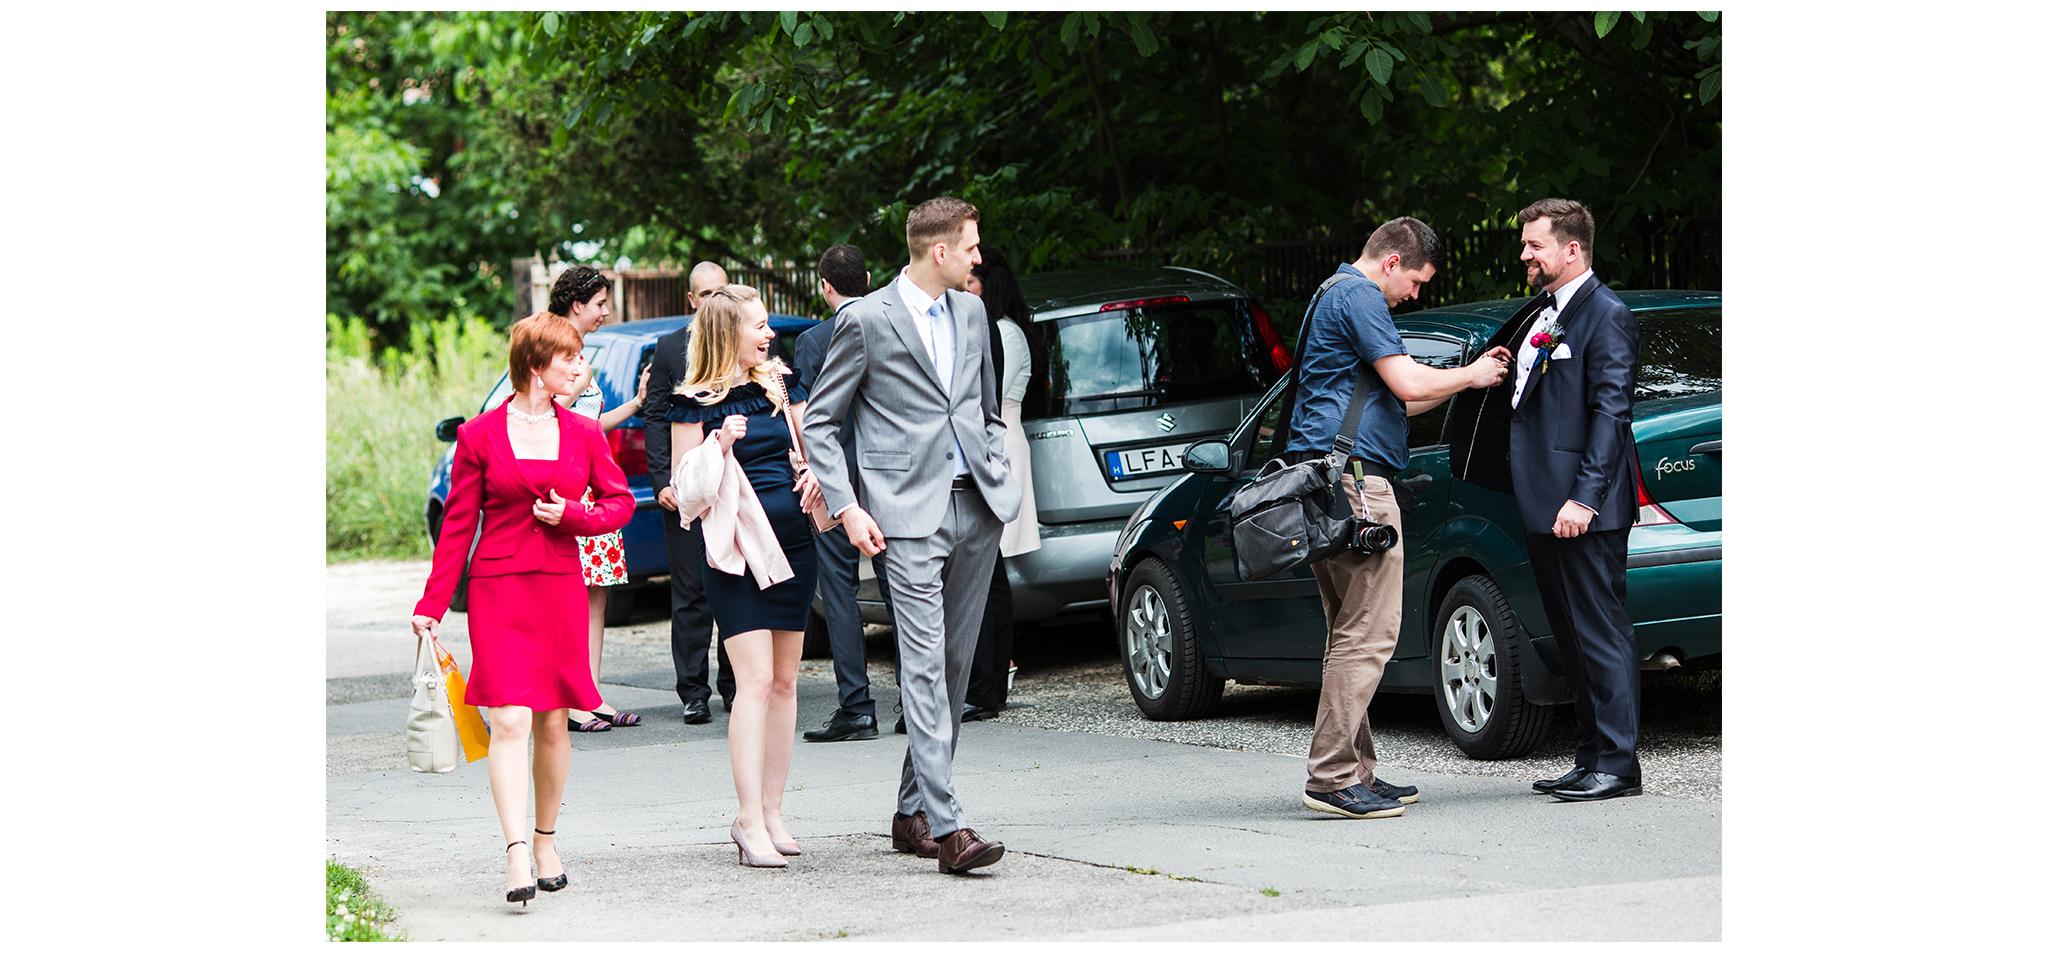 MONT_FylepPhoto, Esküvőfotós Vasmegye, Esküvő fotózás, Esküvői fotós, Körmend, Vas megye, Dunántúl, Budapest, Fülöp Péter, Jegyes fotózás, jegyes, kreatív, kreatívfotózás,Wien,Ausztira,Österreich,hochzeitsfotograf_V&M_016.jpg